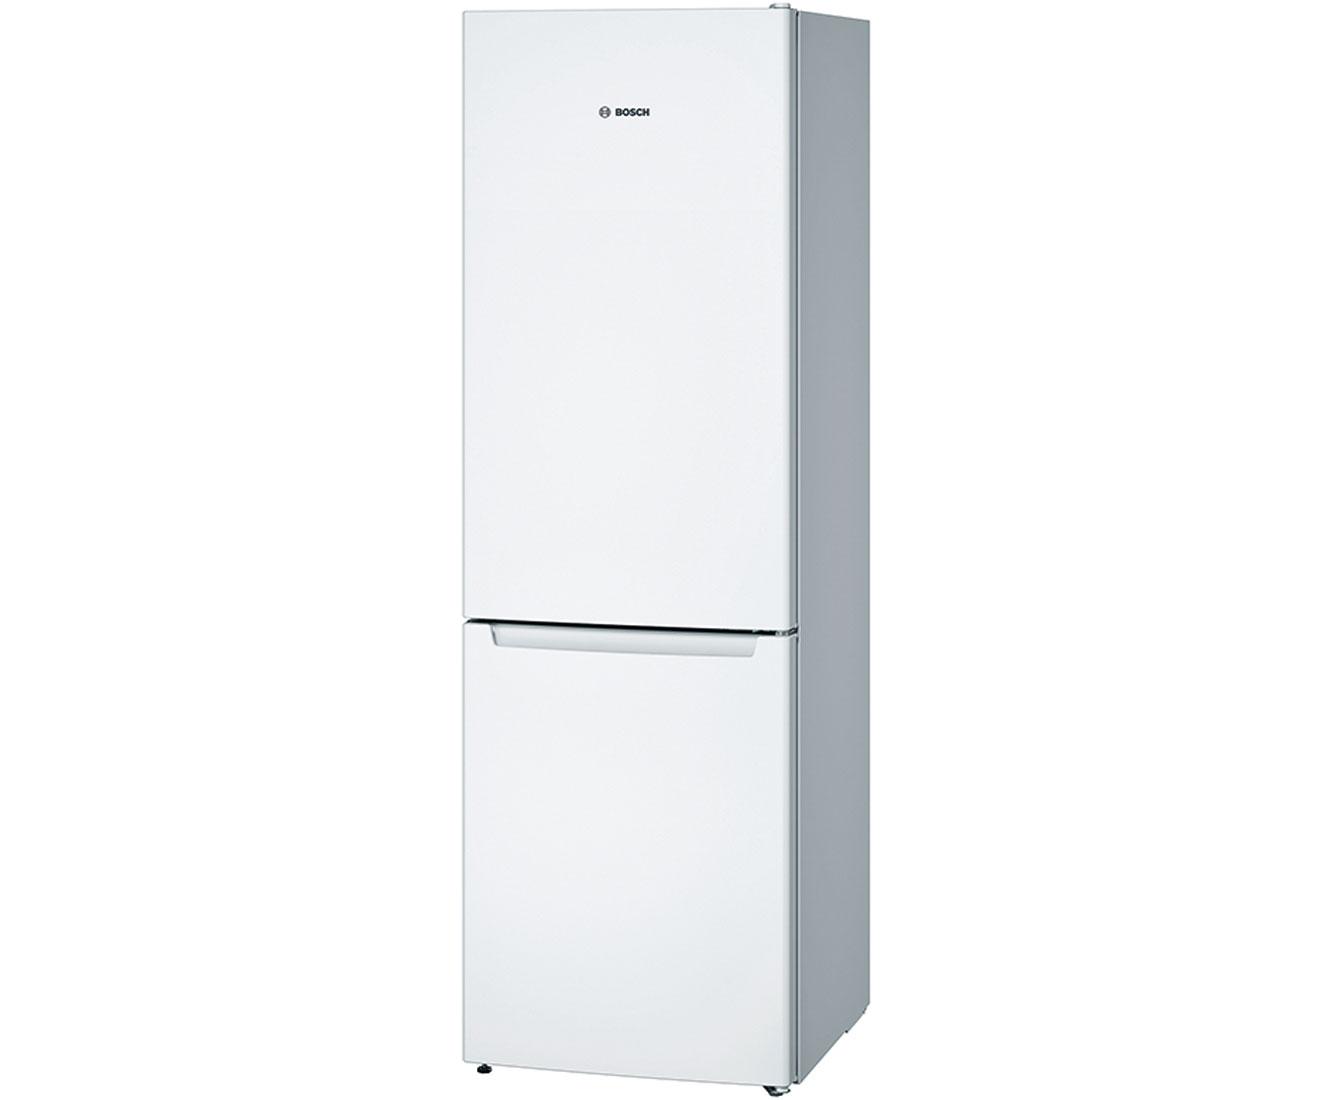 Bosch Kühlschrank Piept Ständig : Bosch kühlschrank scharnier preisvergleich u die besten angebote